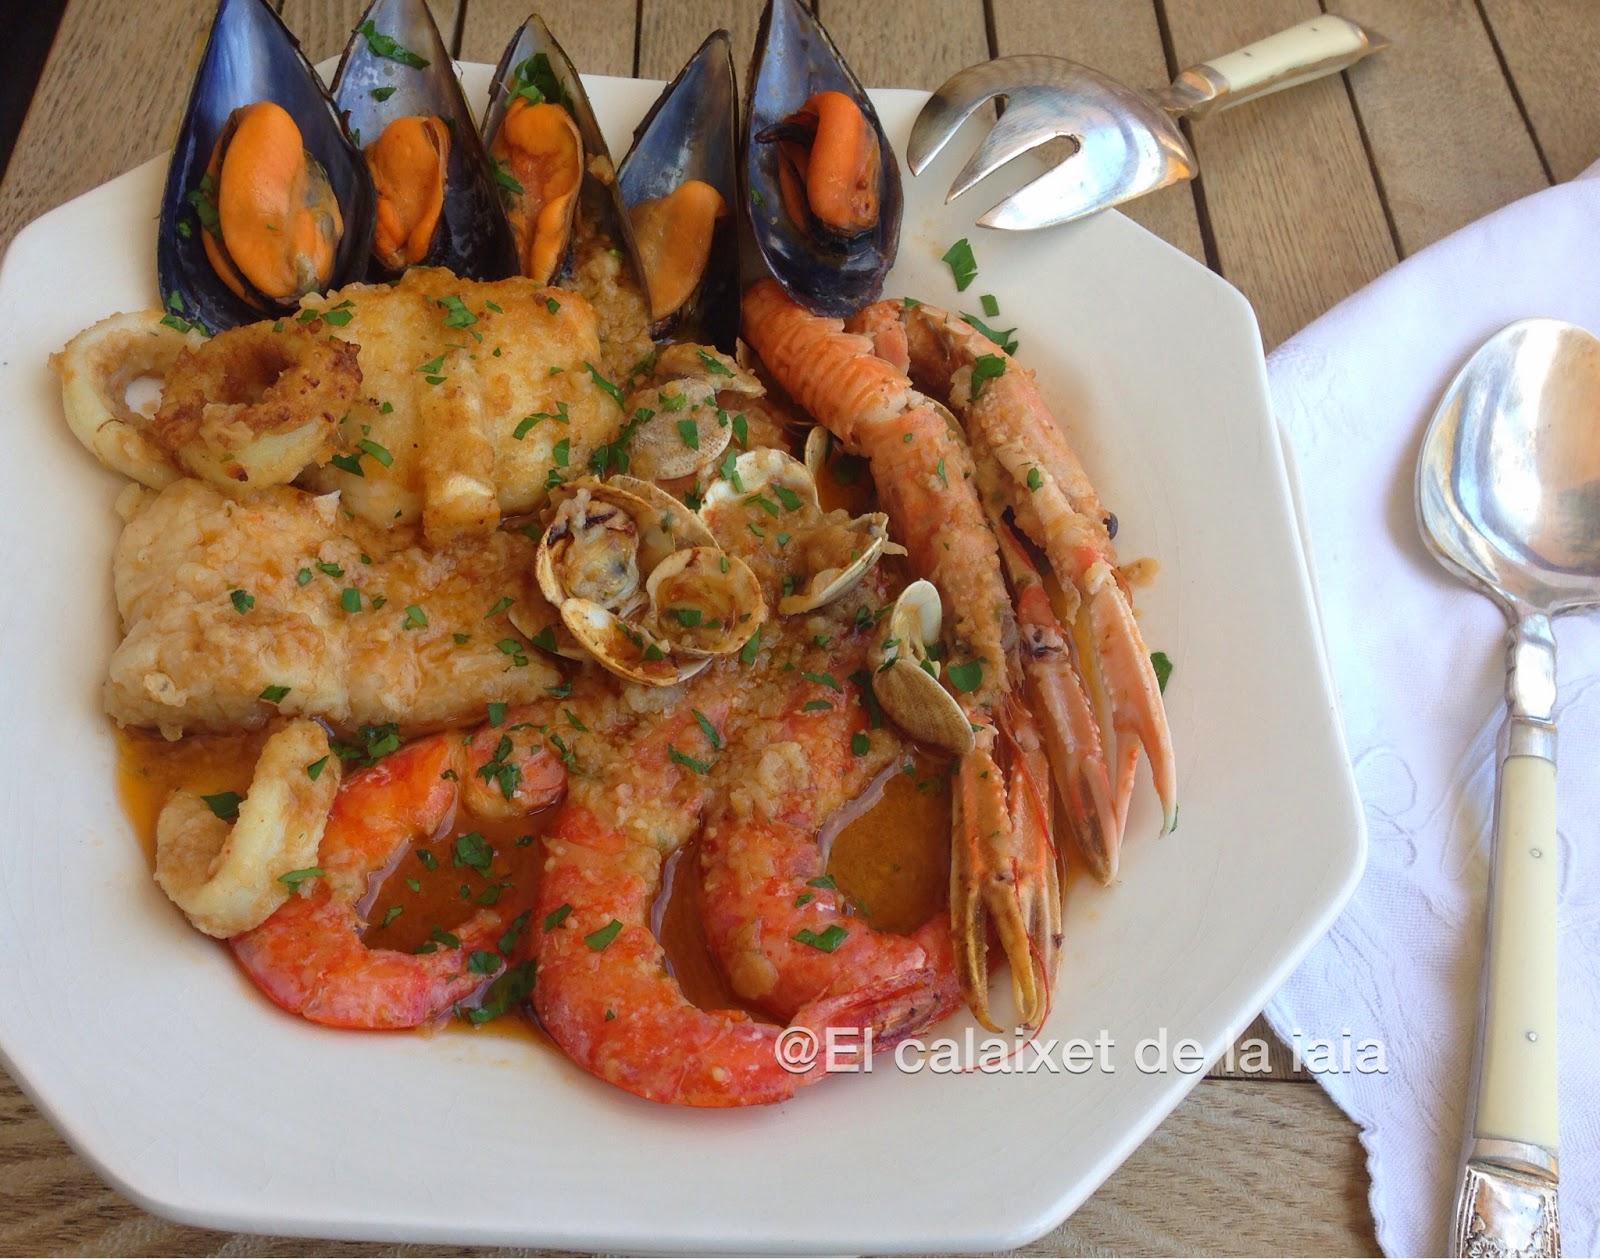 El calaixet de la iaia zarzuela o caldereta de marisco y for Cocinar zarzuela